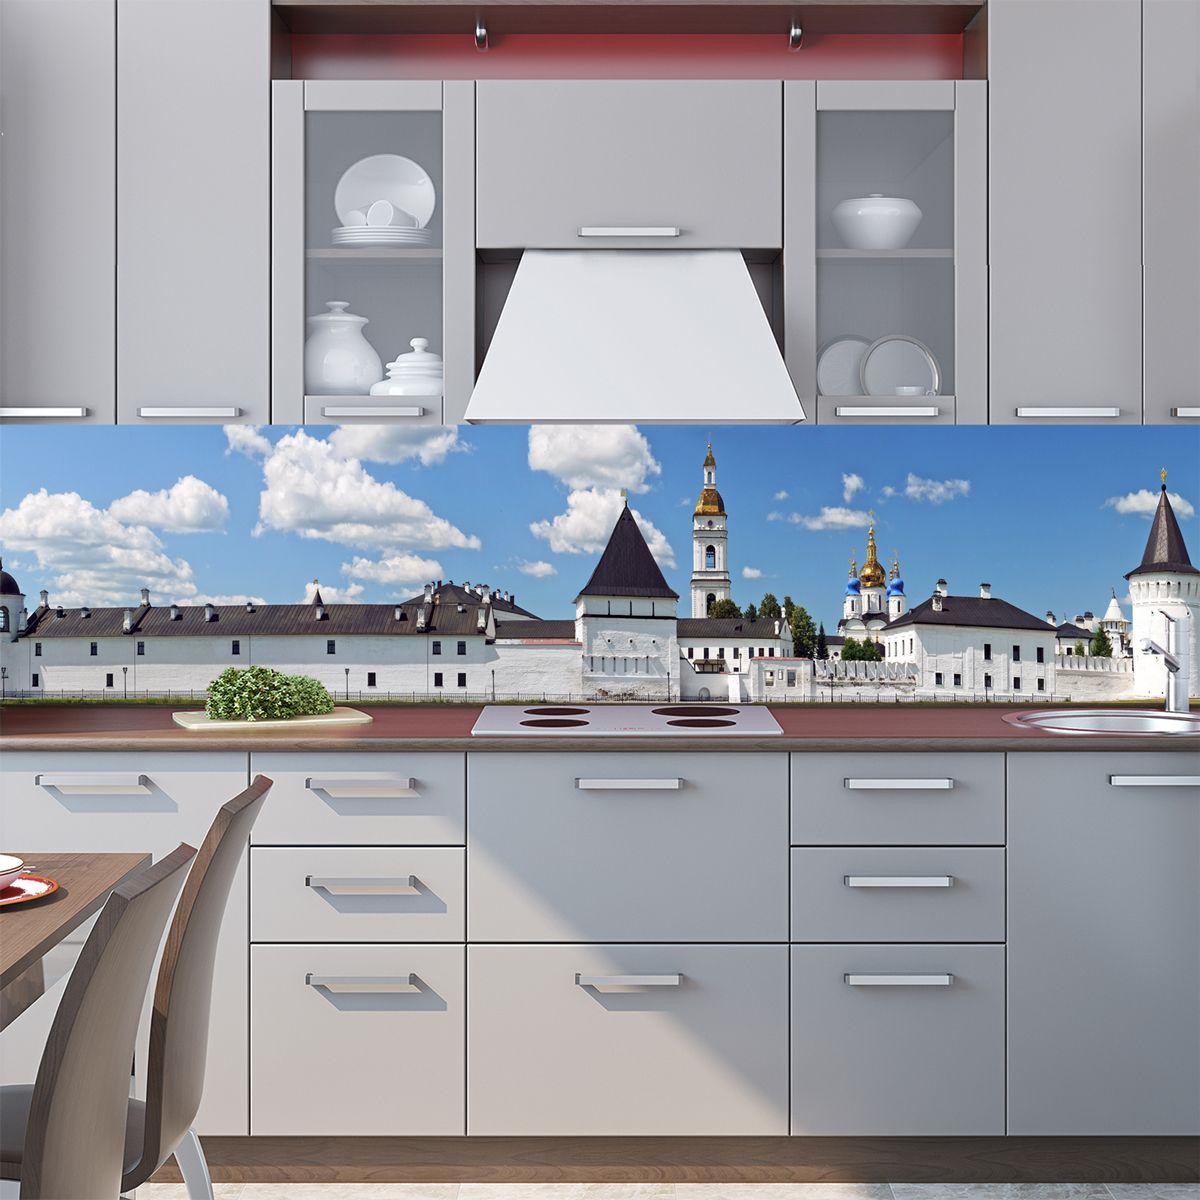 Наклейка на фартук кухни - Белый кремль